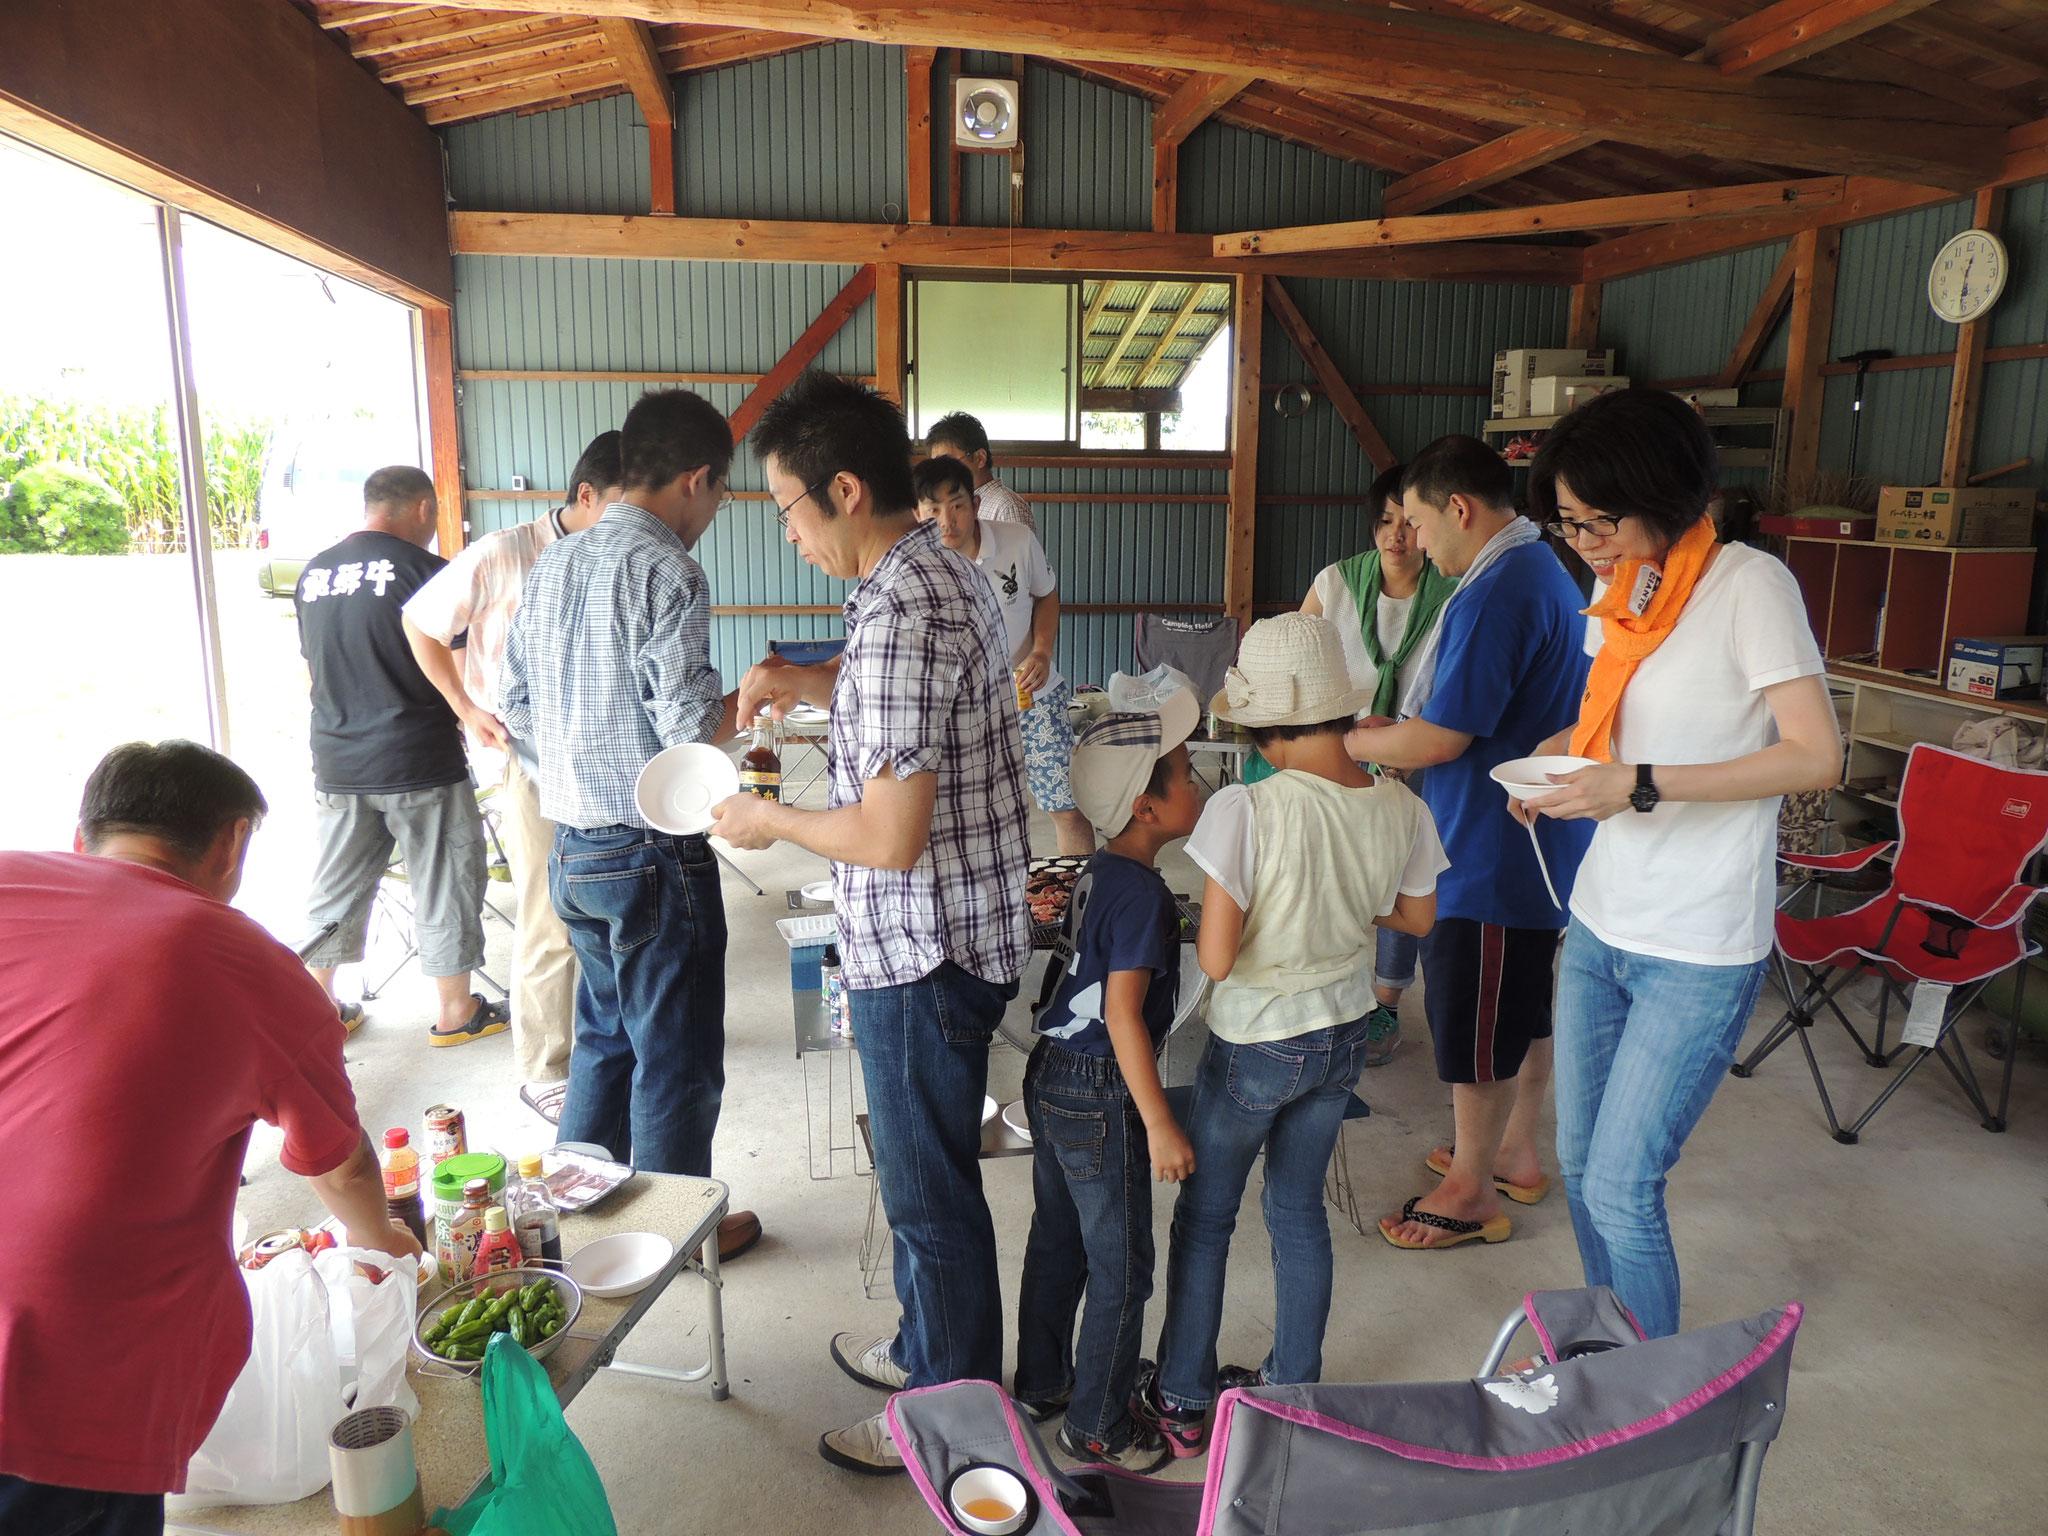 正午から、嶋田邸  を会場に、恒例となってきたバーベキューのはじまりです。